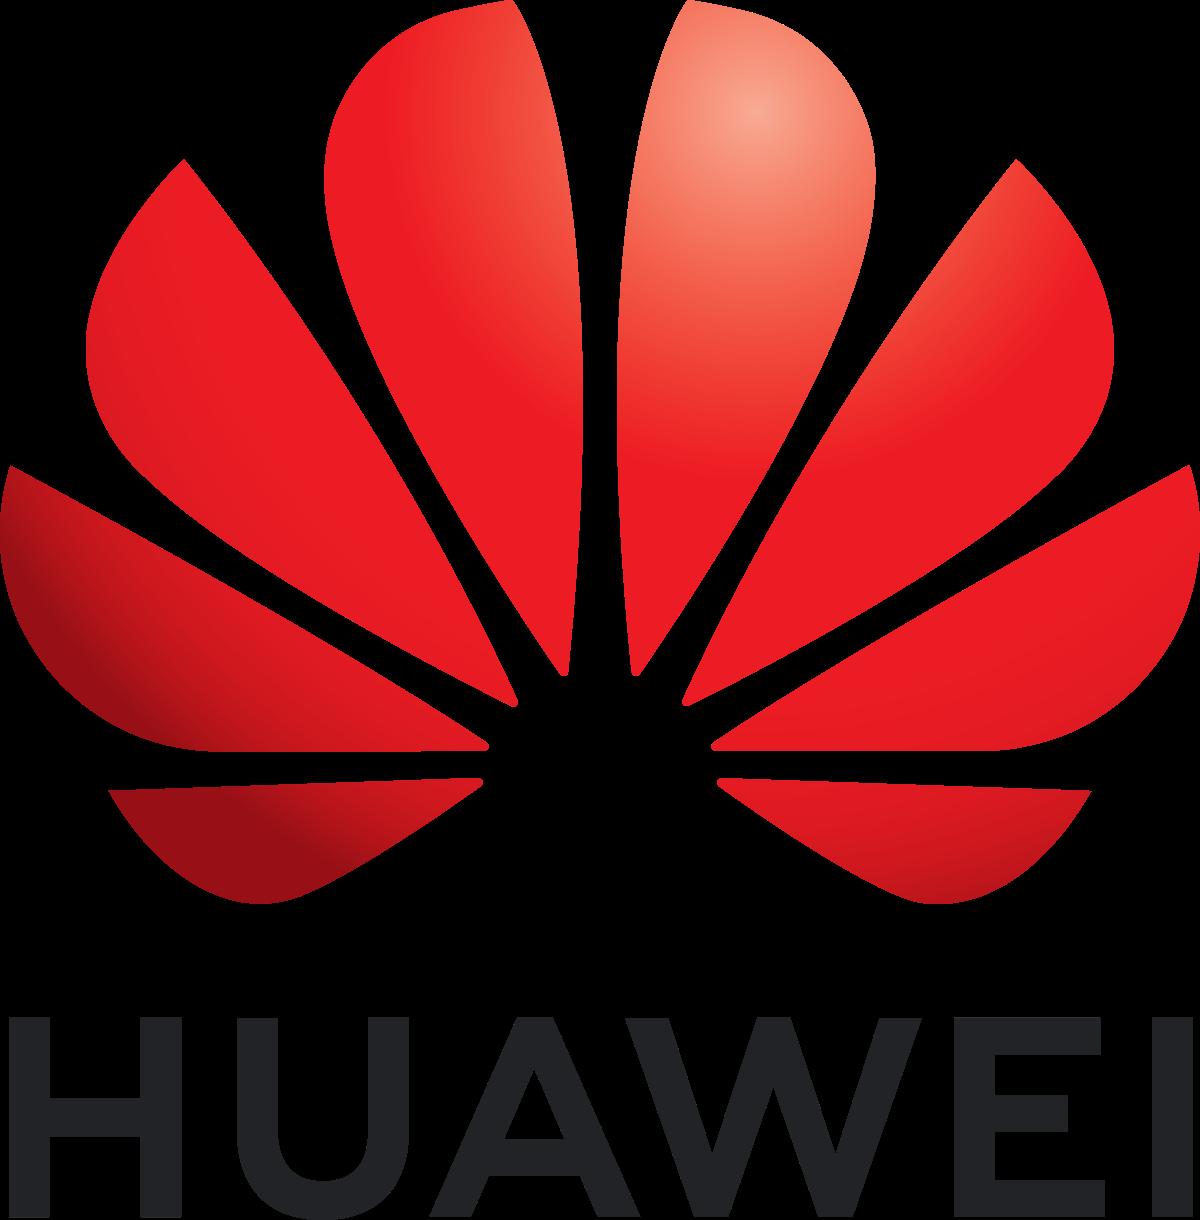 Huawei sanciona funcionários que utilizaram iPhone